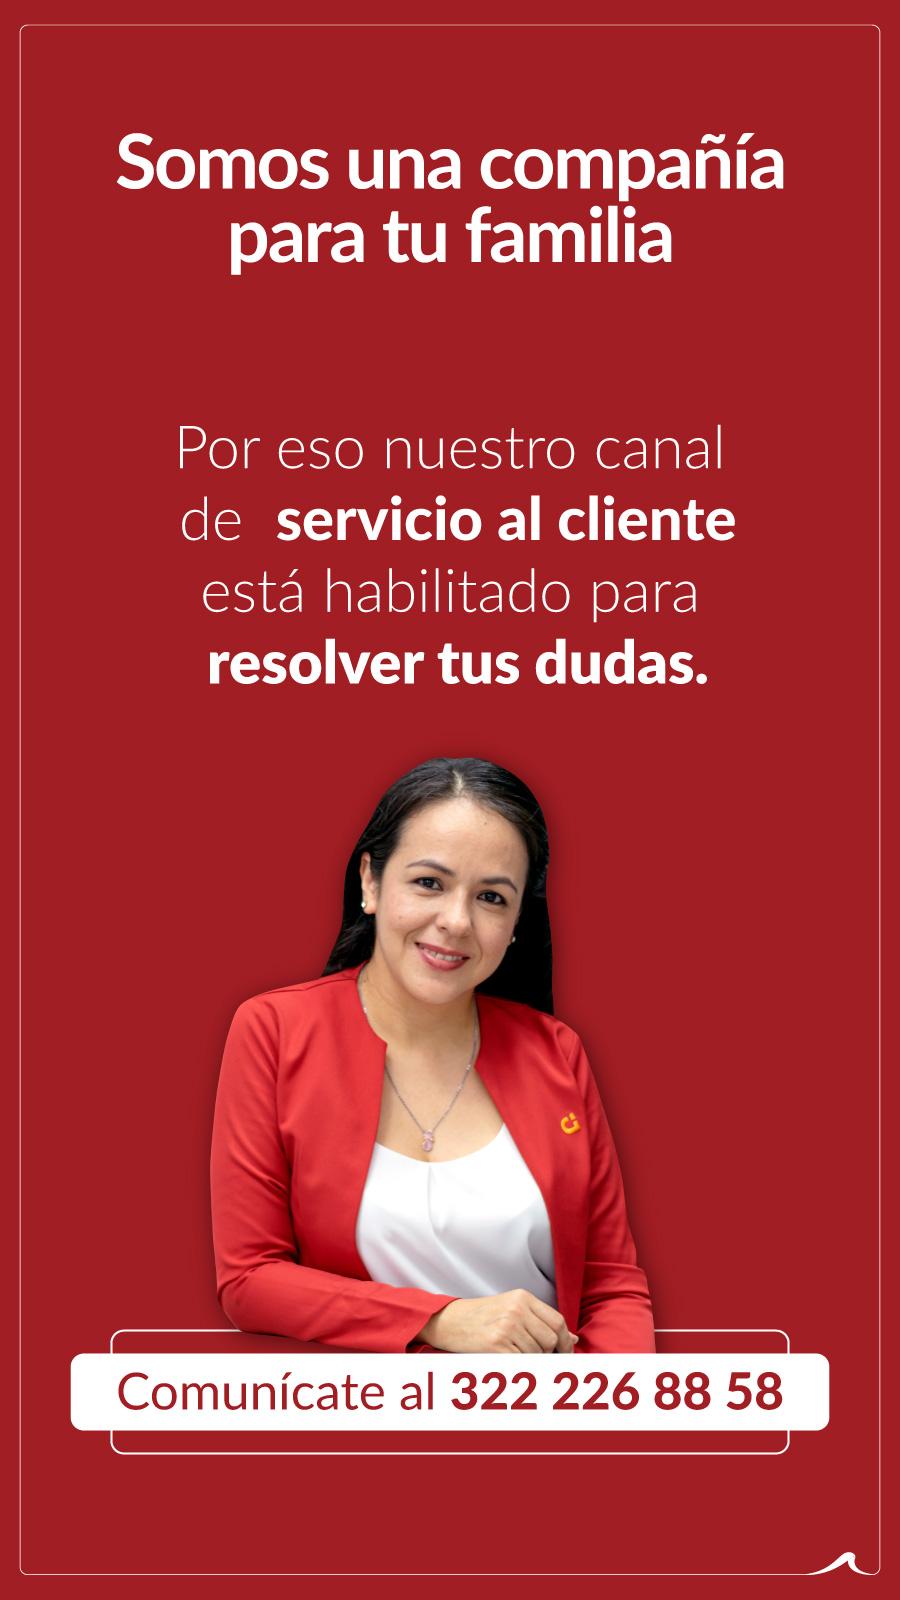 Servicio al cliente Grupo Domus resuelve tu duda